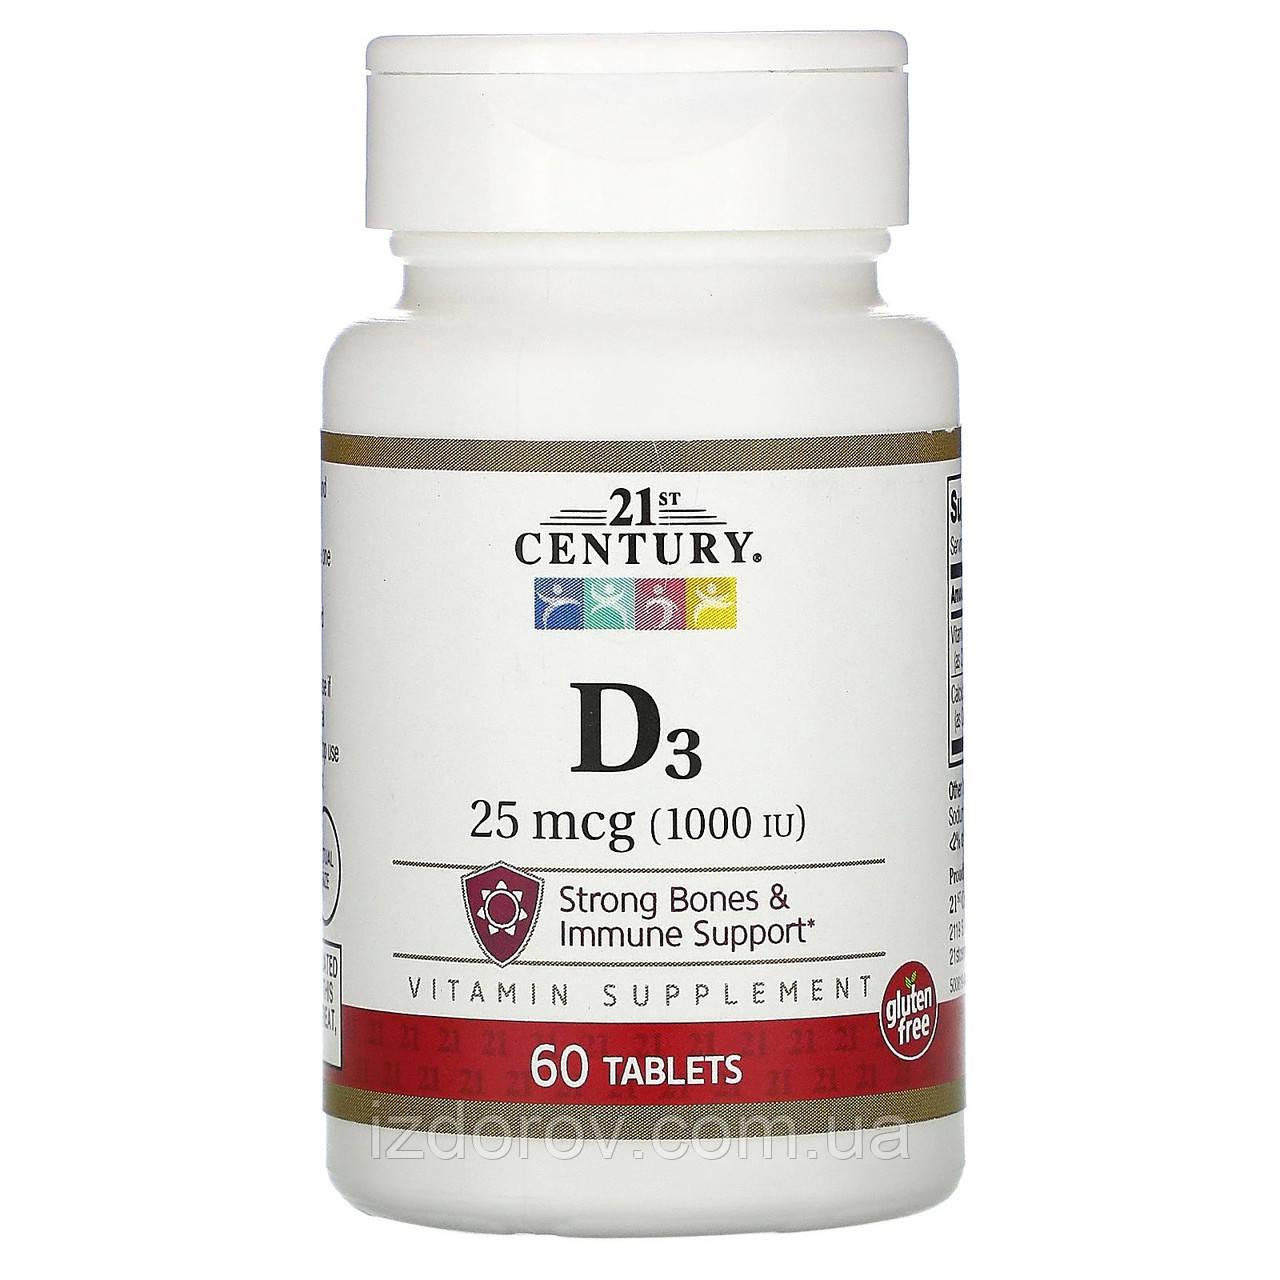 21st Century, Вітамін D3, 25 мкг (1000 МО), 60 таблеток